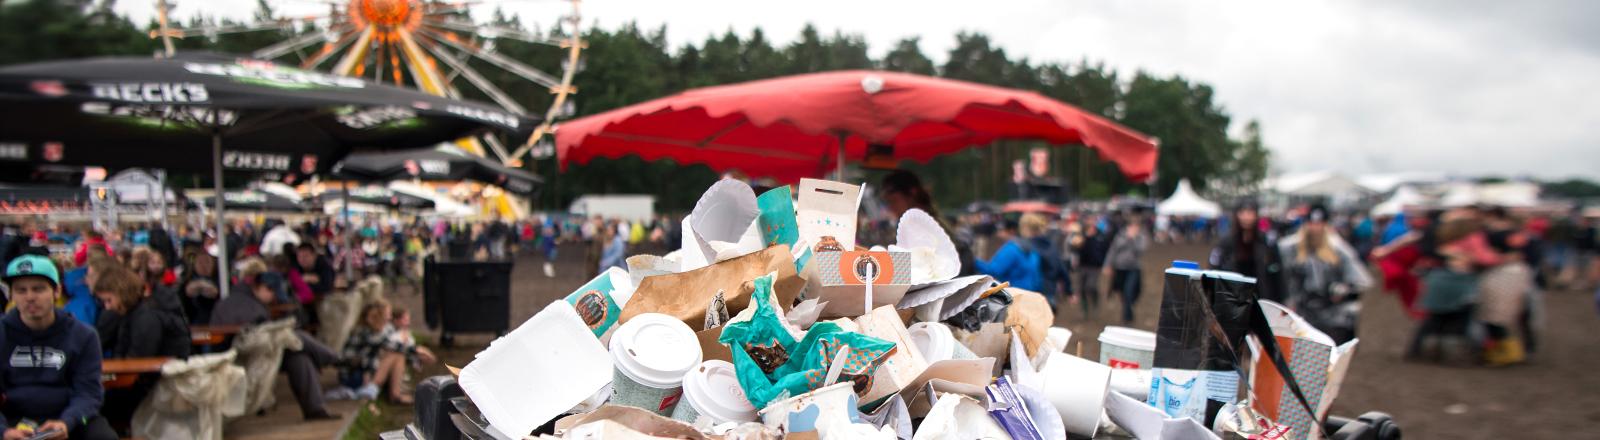 Müll beim Hurricane-Festival in Scheeßel, Niedersachsen